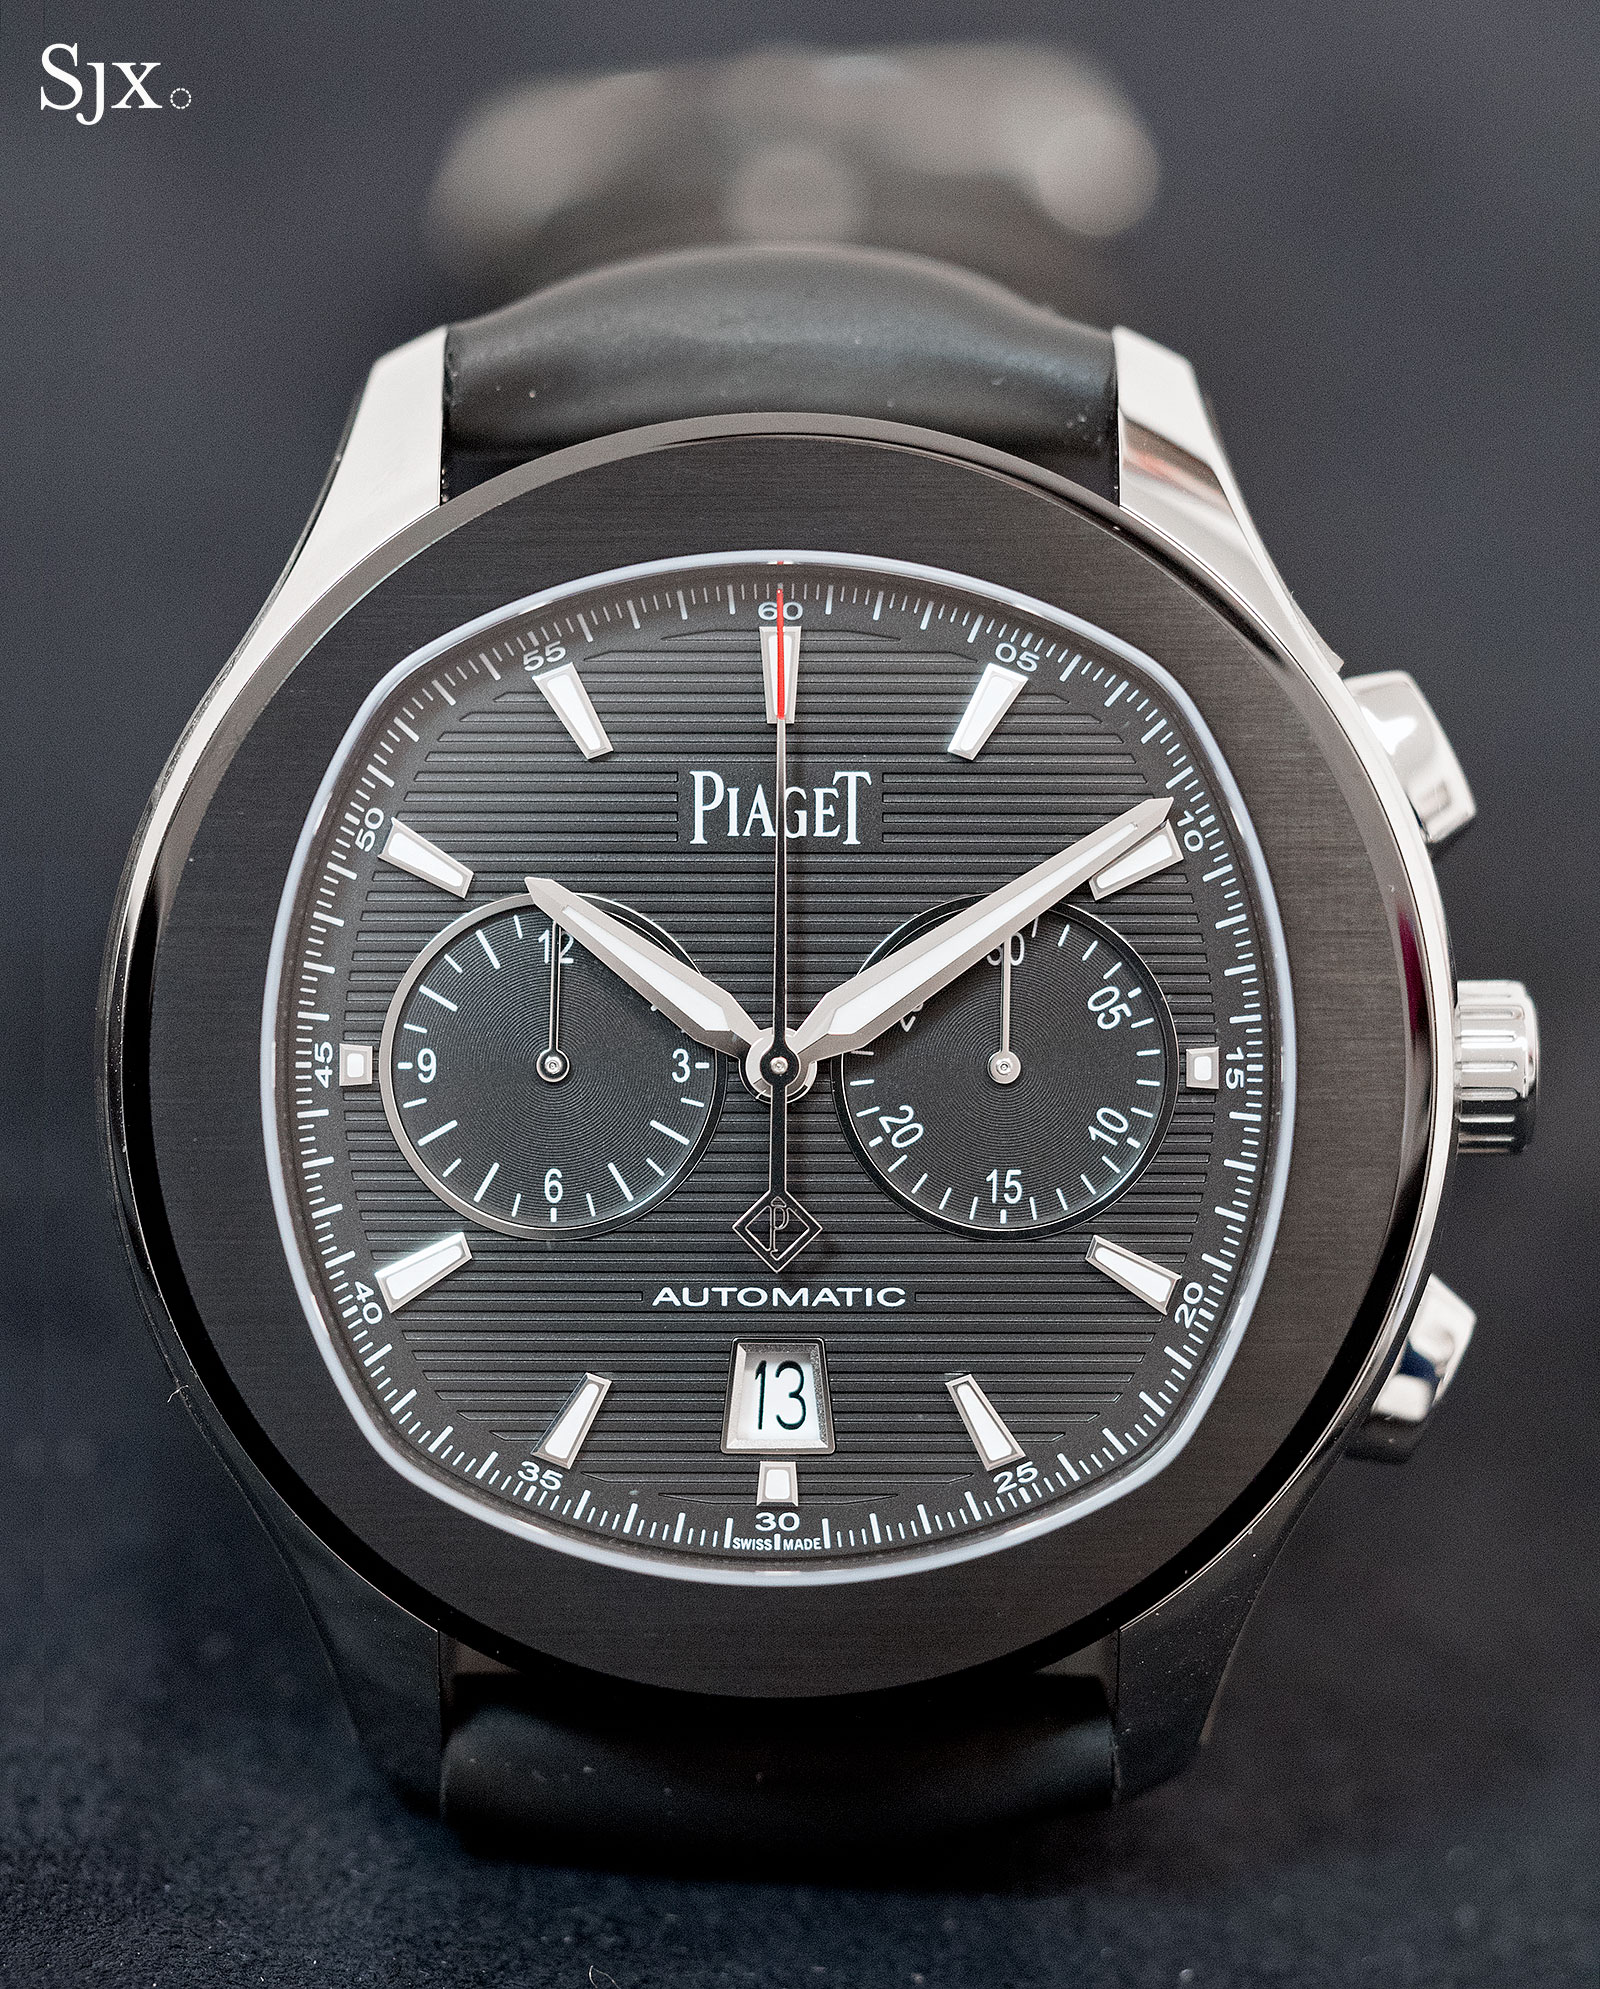 Piaget Polo S Black ADLC Chronograph-1